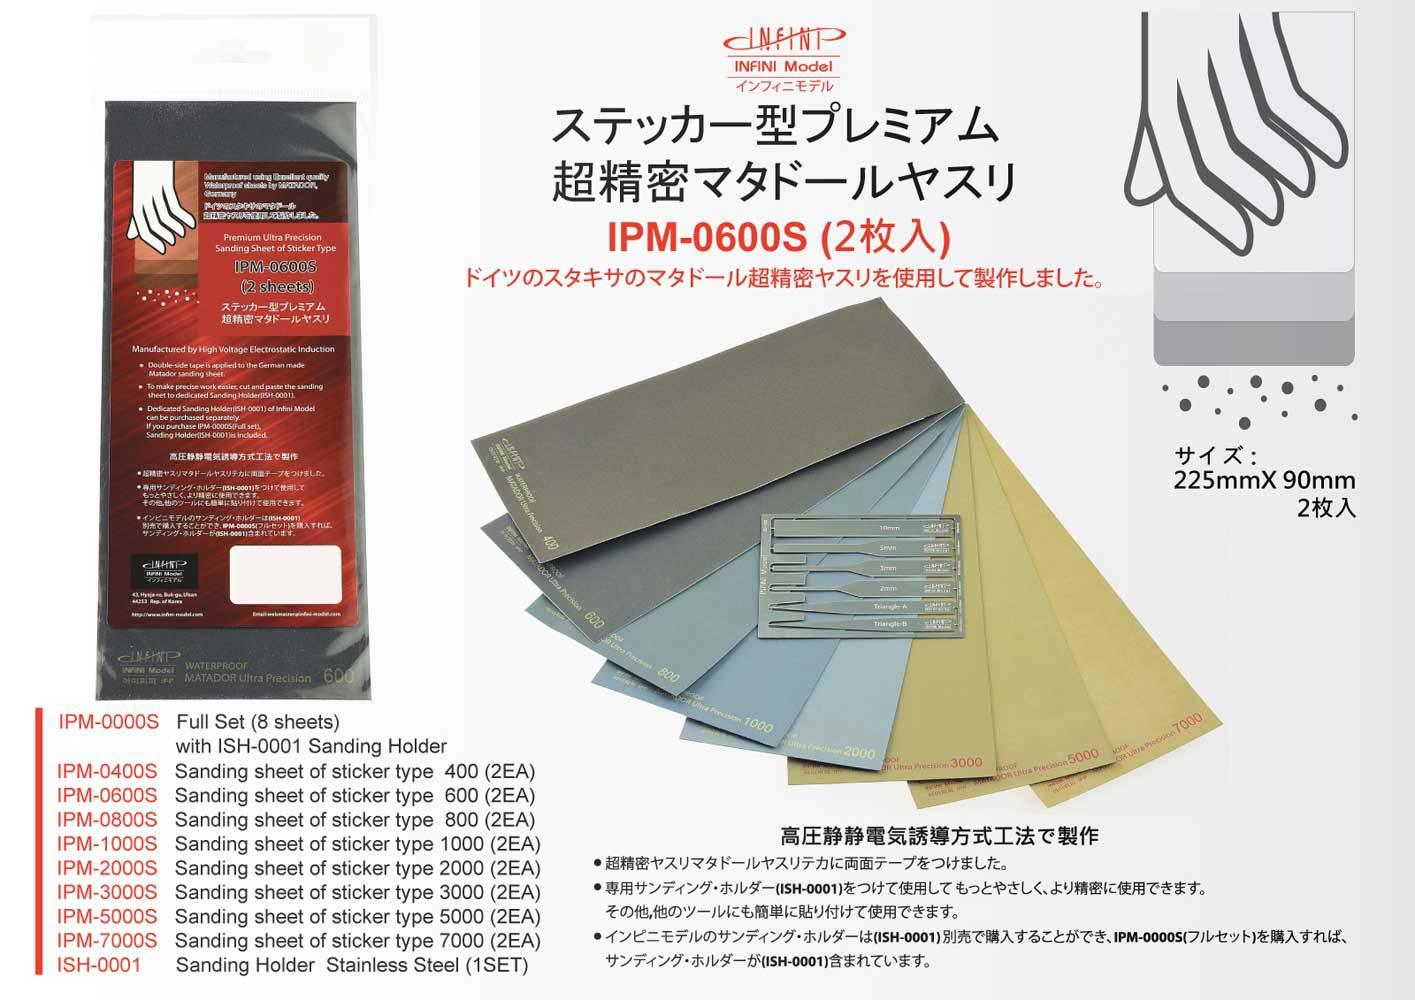 【インフィニモデル製 輸入品】 本体価格:500円 JANコード:4986470065670